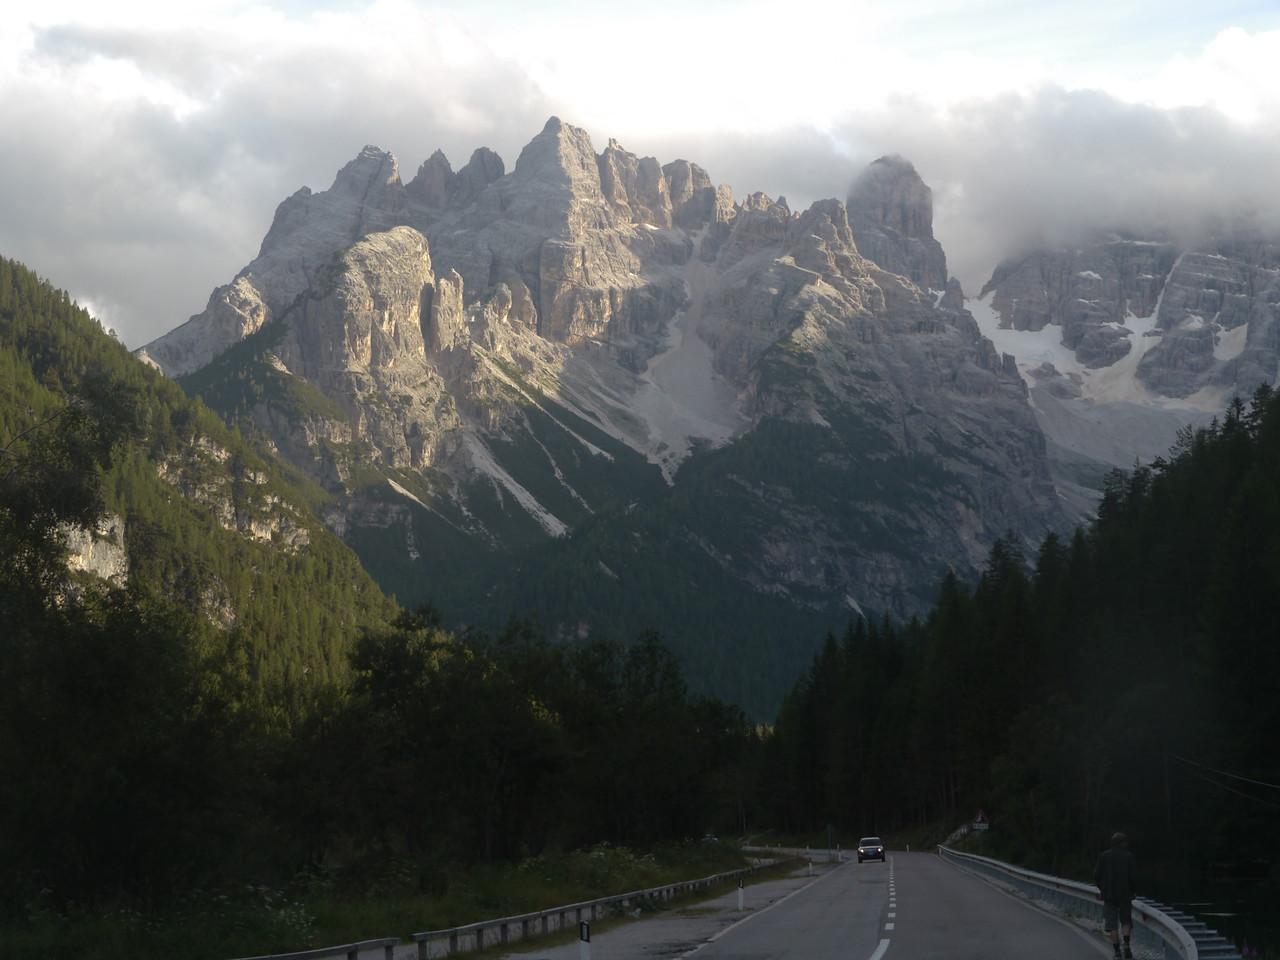 @ 2012 / Carbonin, Misurina, Veneto, ITA, Italien, 1403 m ü/M, 17/08/2014 19:04:02